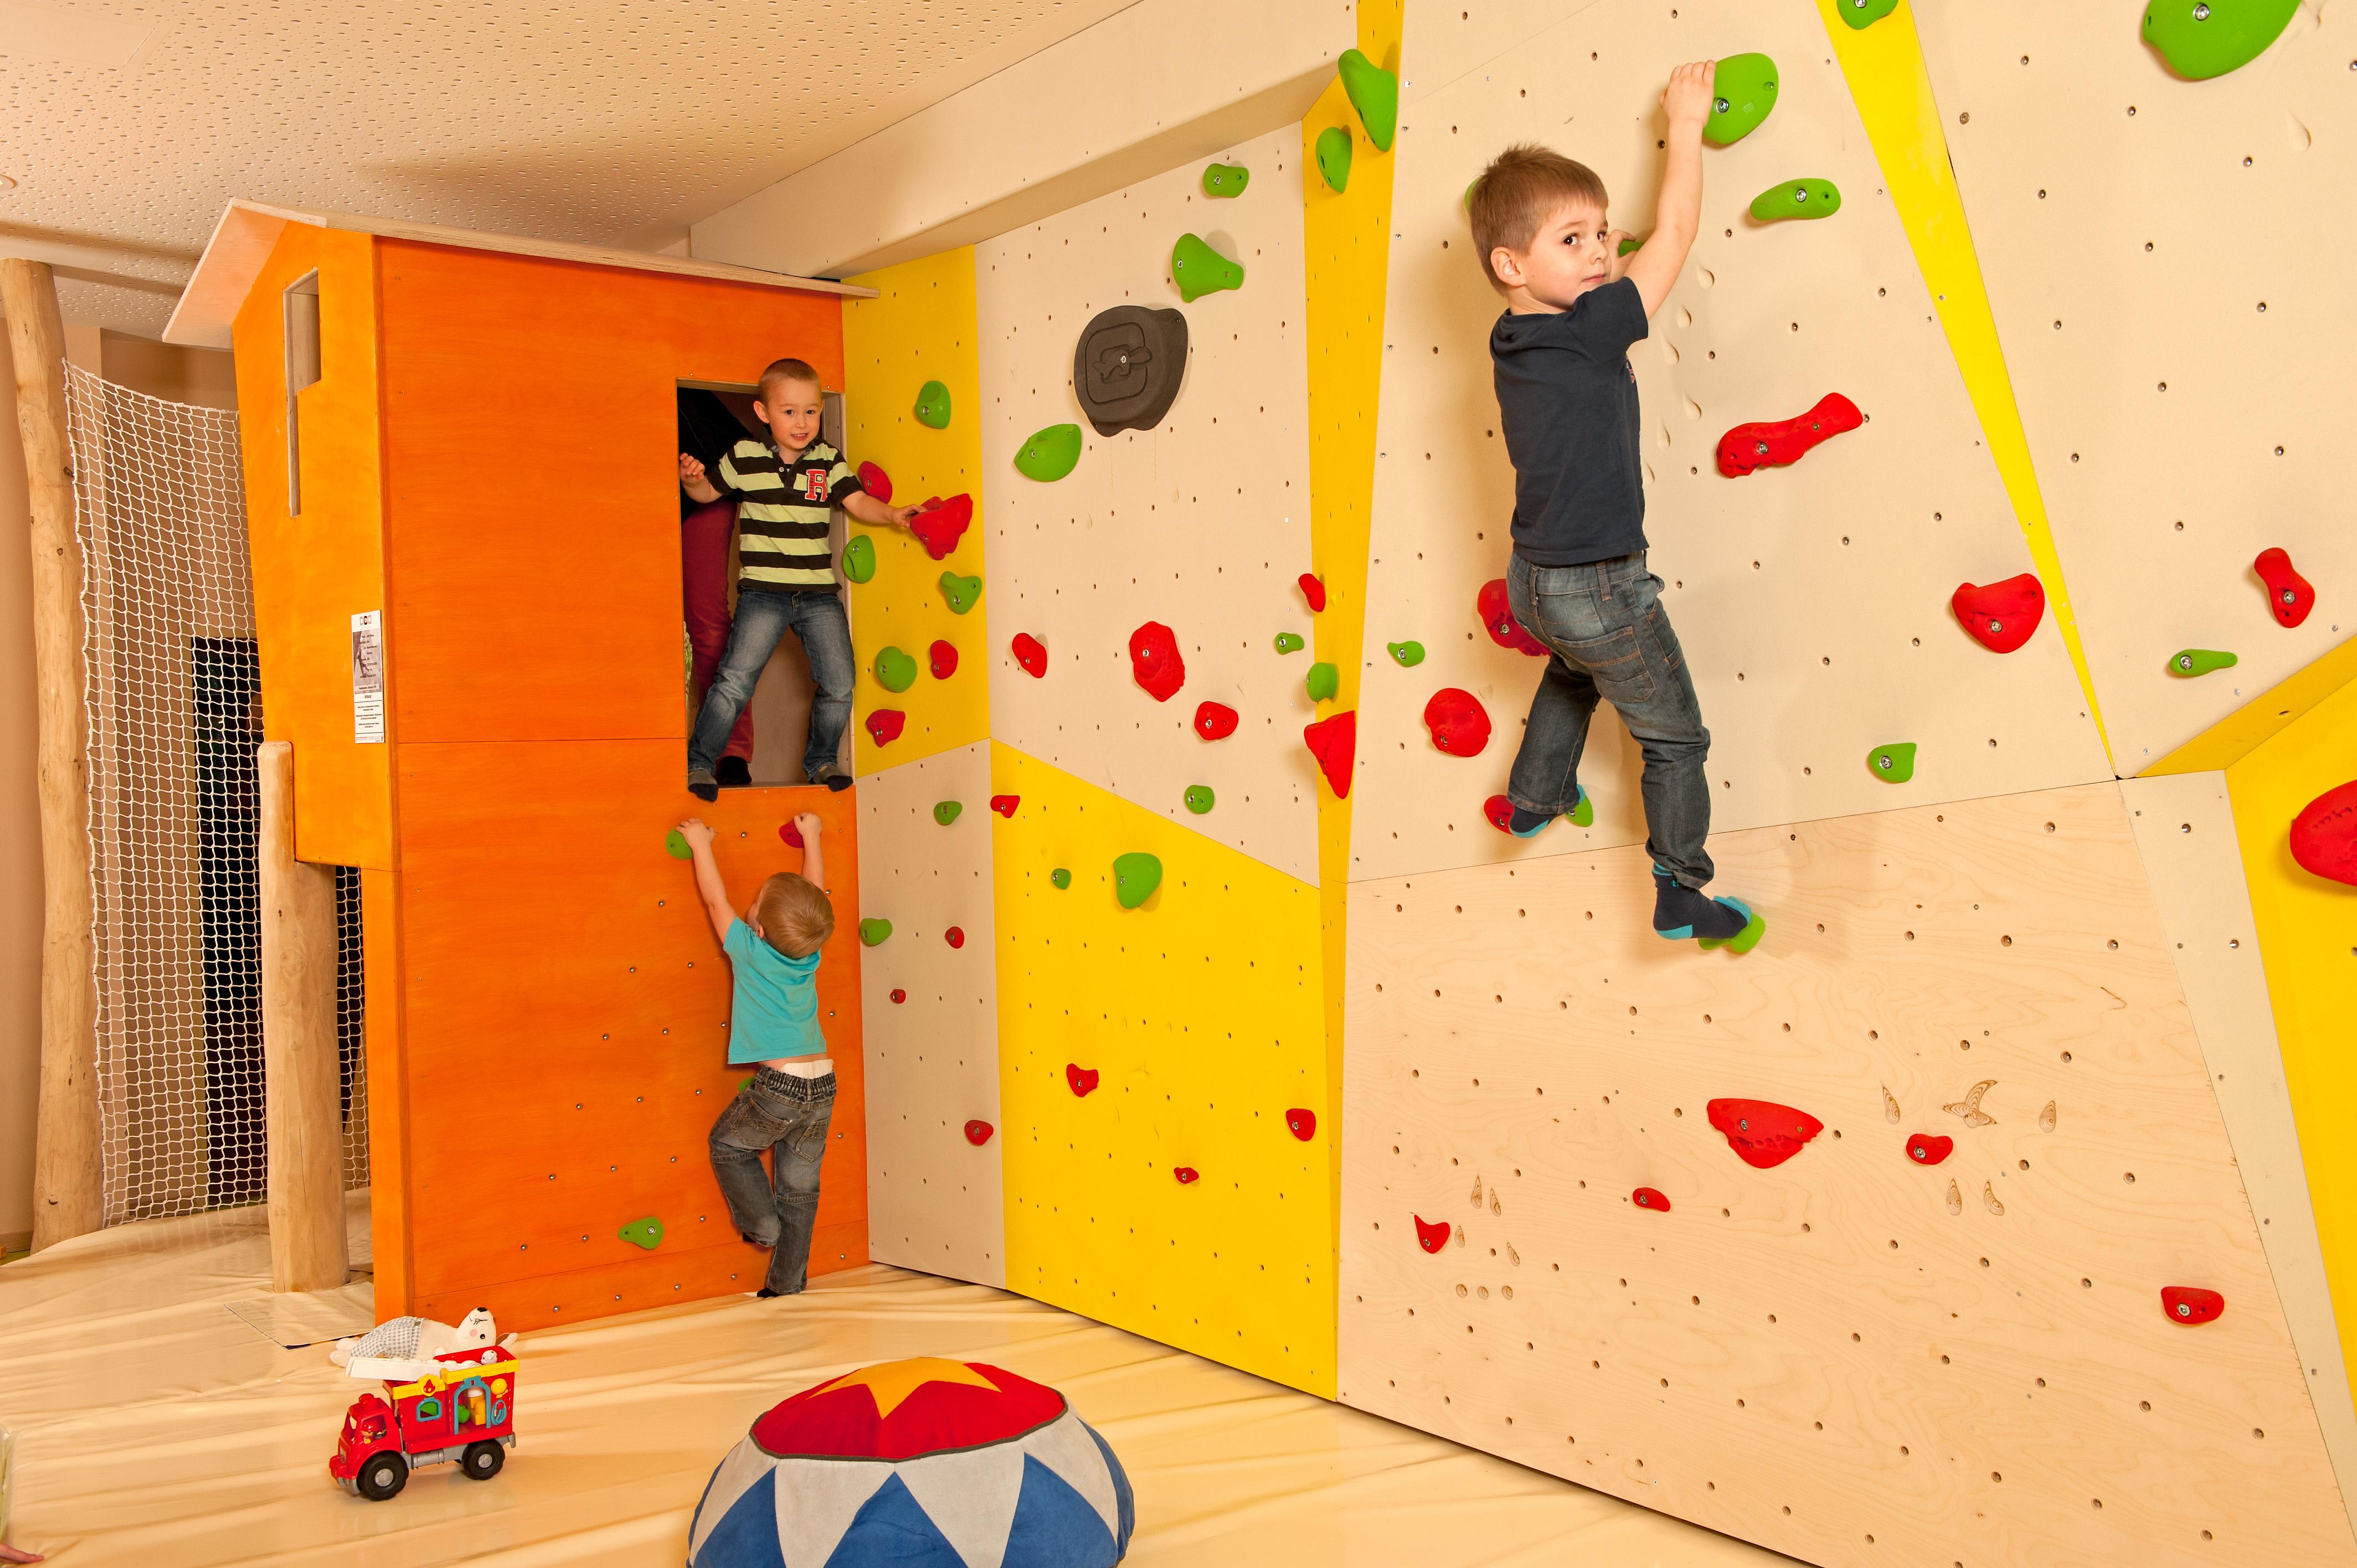 Kind klettert an der Kletterwand im Spielbereich des JUFA Hotel Almtal. Der Ort für erholsamen Familienurlaub und einen unvergesslichen Winter- und Wanderurlaub.